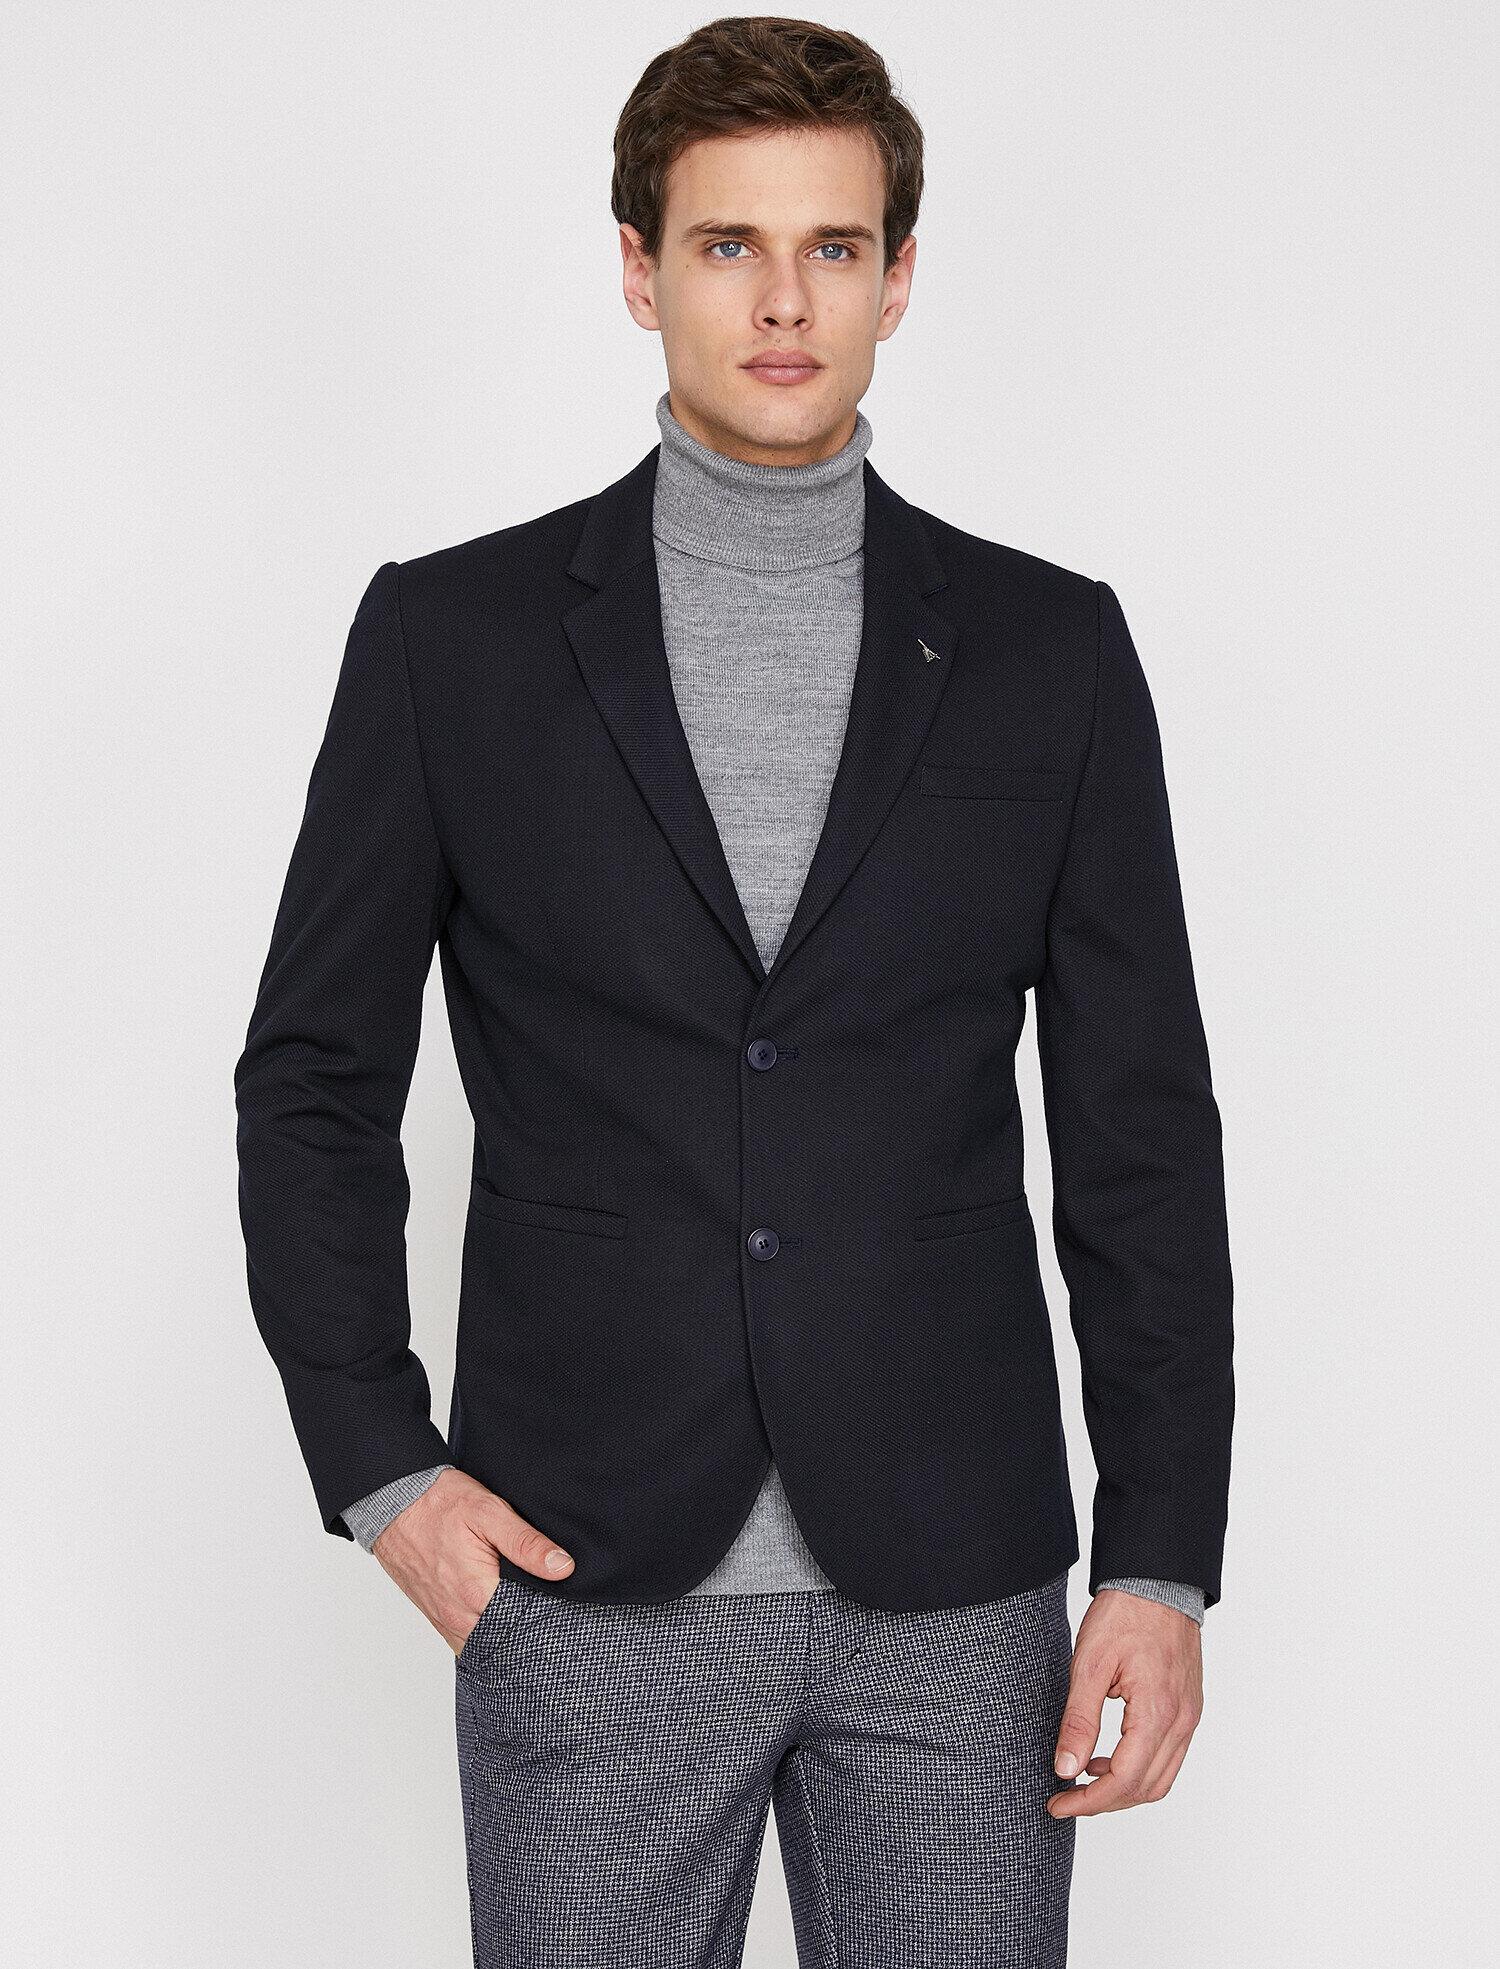 d9ae2450b37e1 Siyah Erkek Cep Detaylı Blazer Ceket 9YAM59218NK999 | Koton